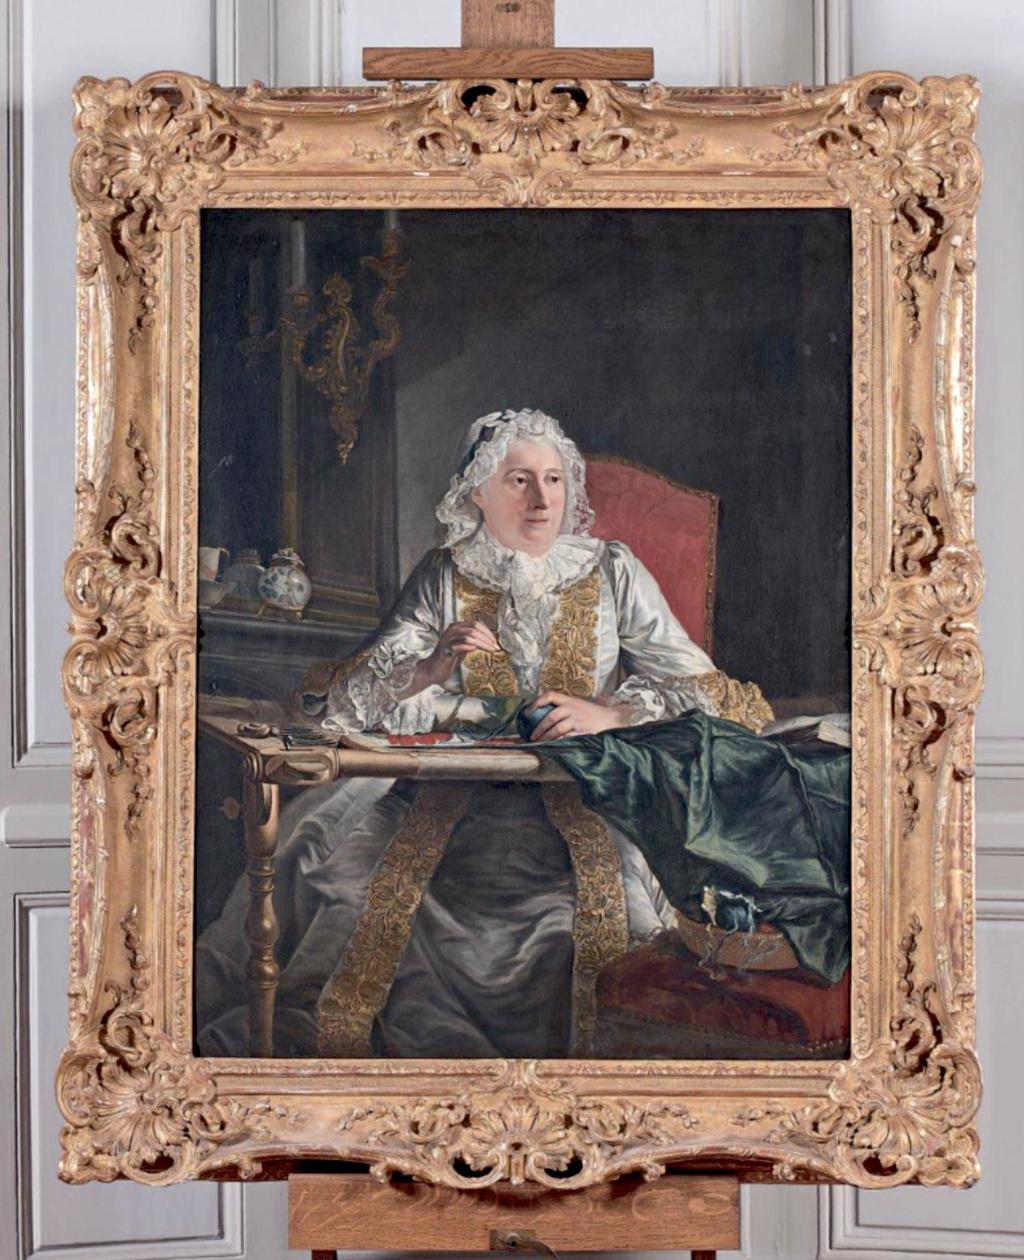 Biographie d'Antoine Crozat, le Français qui possédait l'Amérique. De Pierre Ménard Madame17